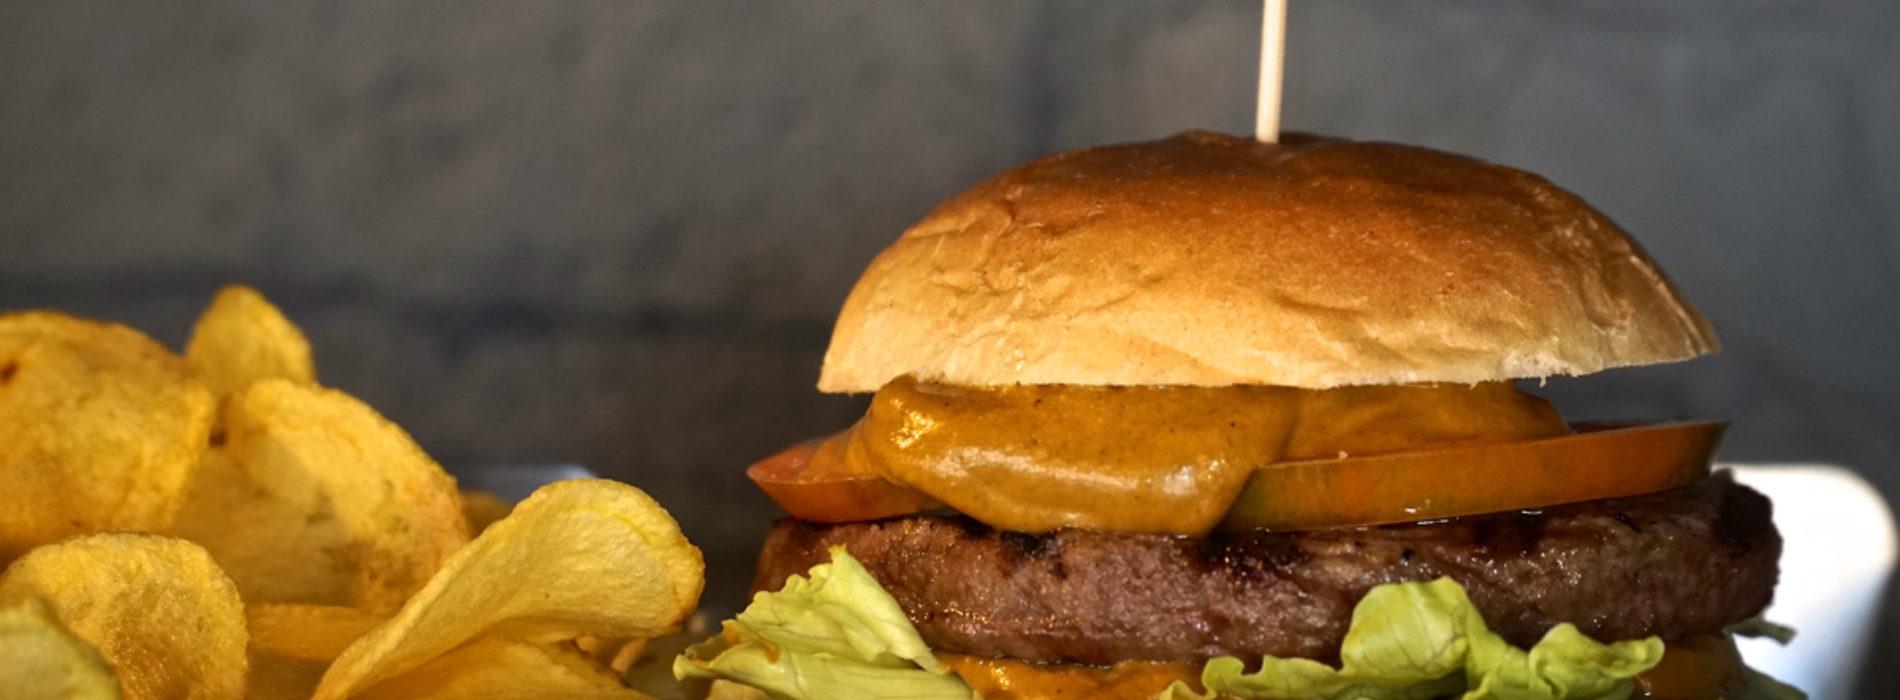 B.Ro Birra Burger Bar Roma, panini e street food internazionale nel nuovo pub 3.0 dei Parioli